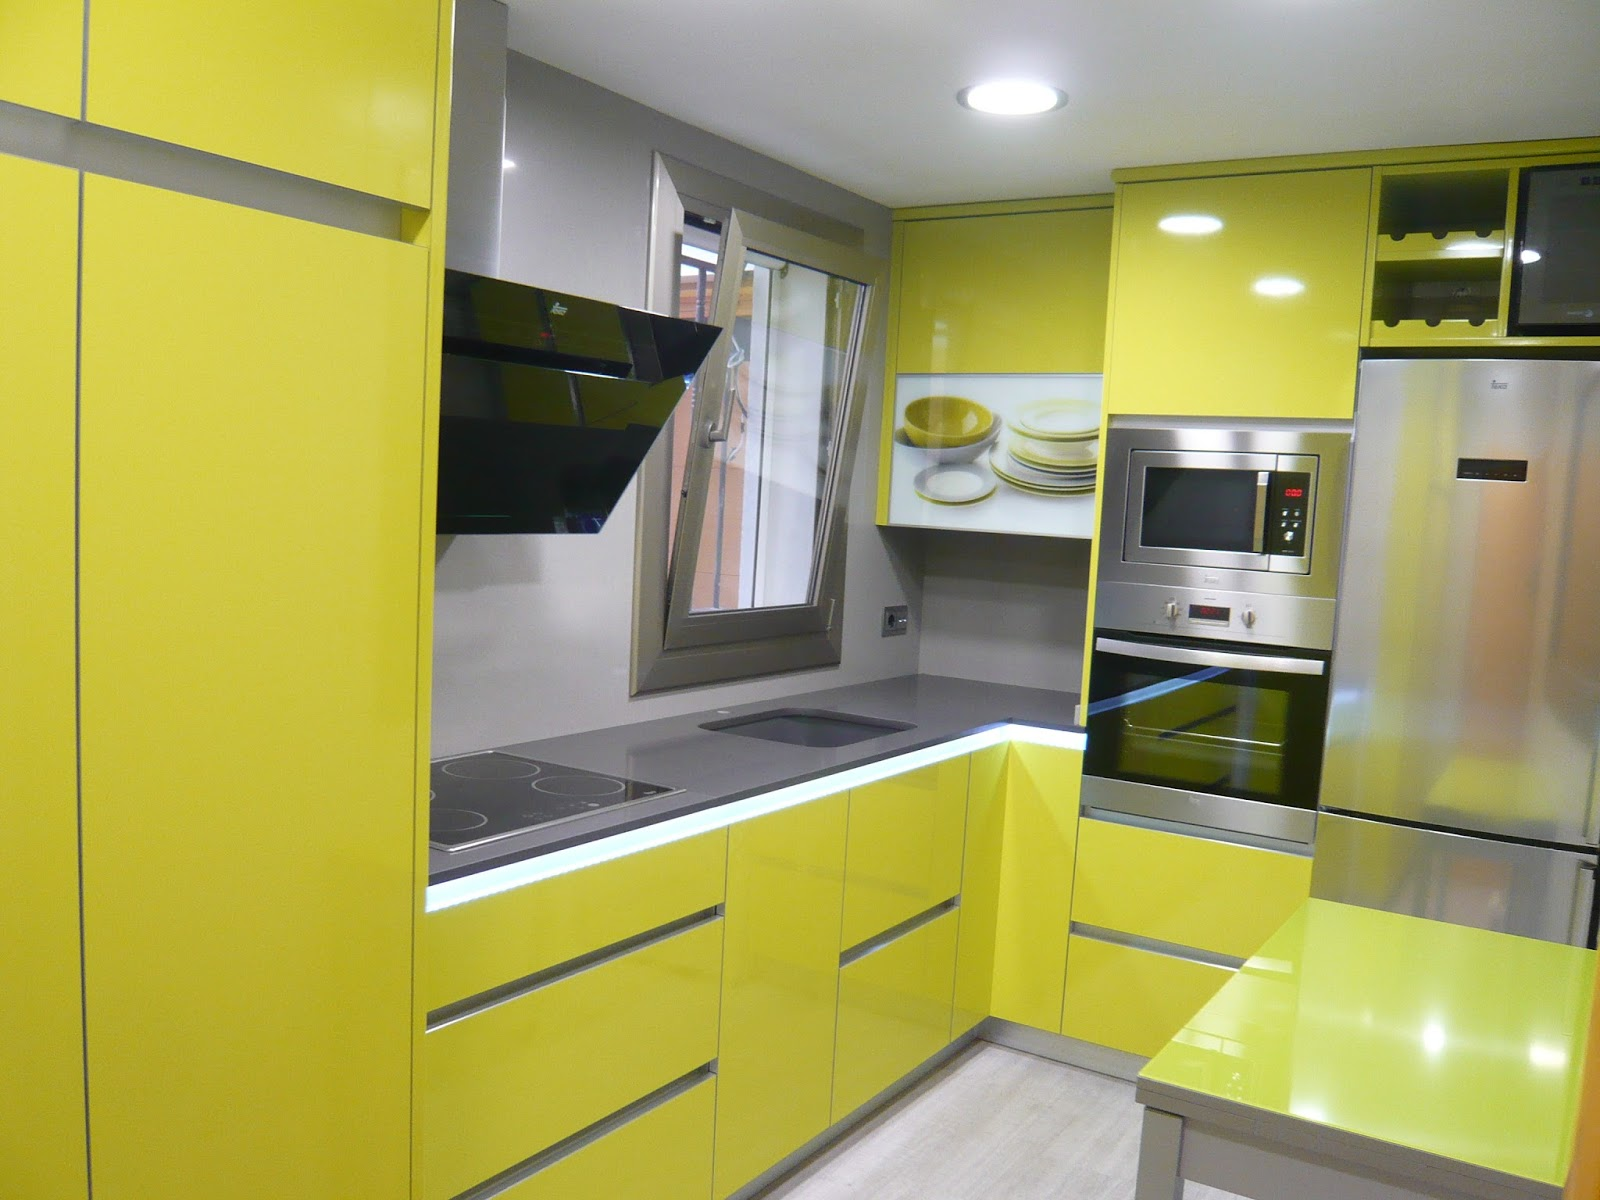 Reuscuina mueble de cocina verde pistacho sin tiradores for Cocina verde pistacho